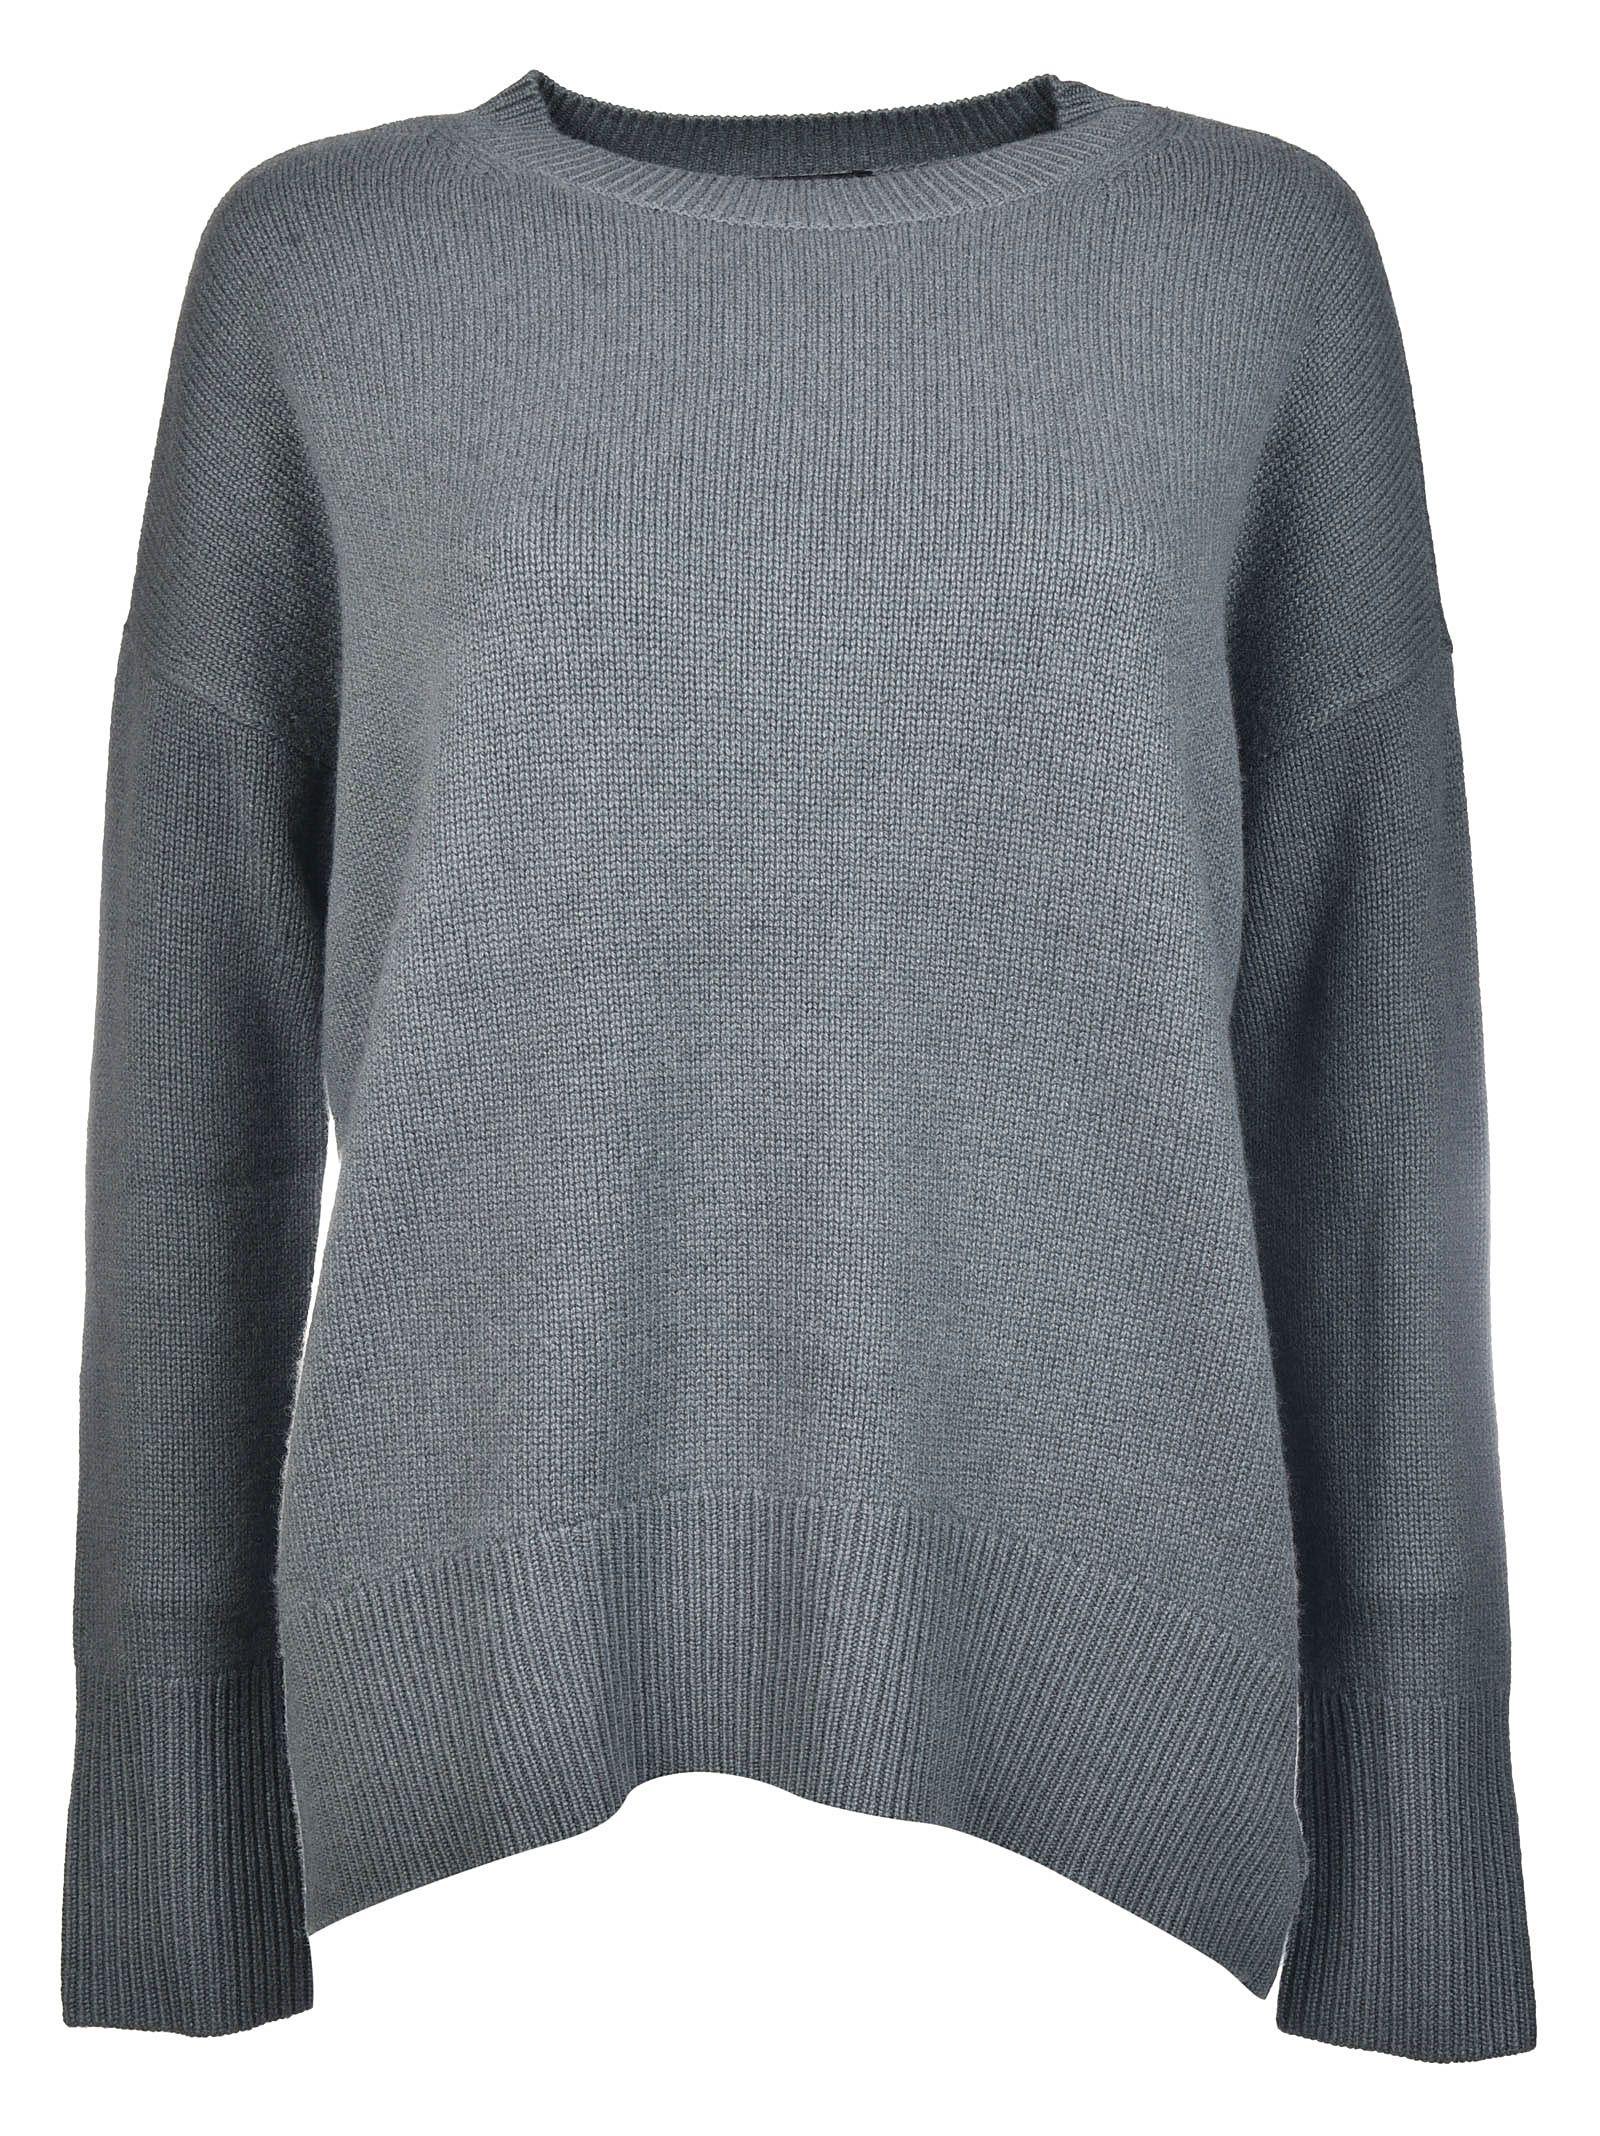 Theory Karenia Sweater